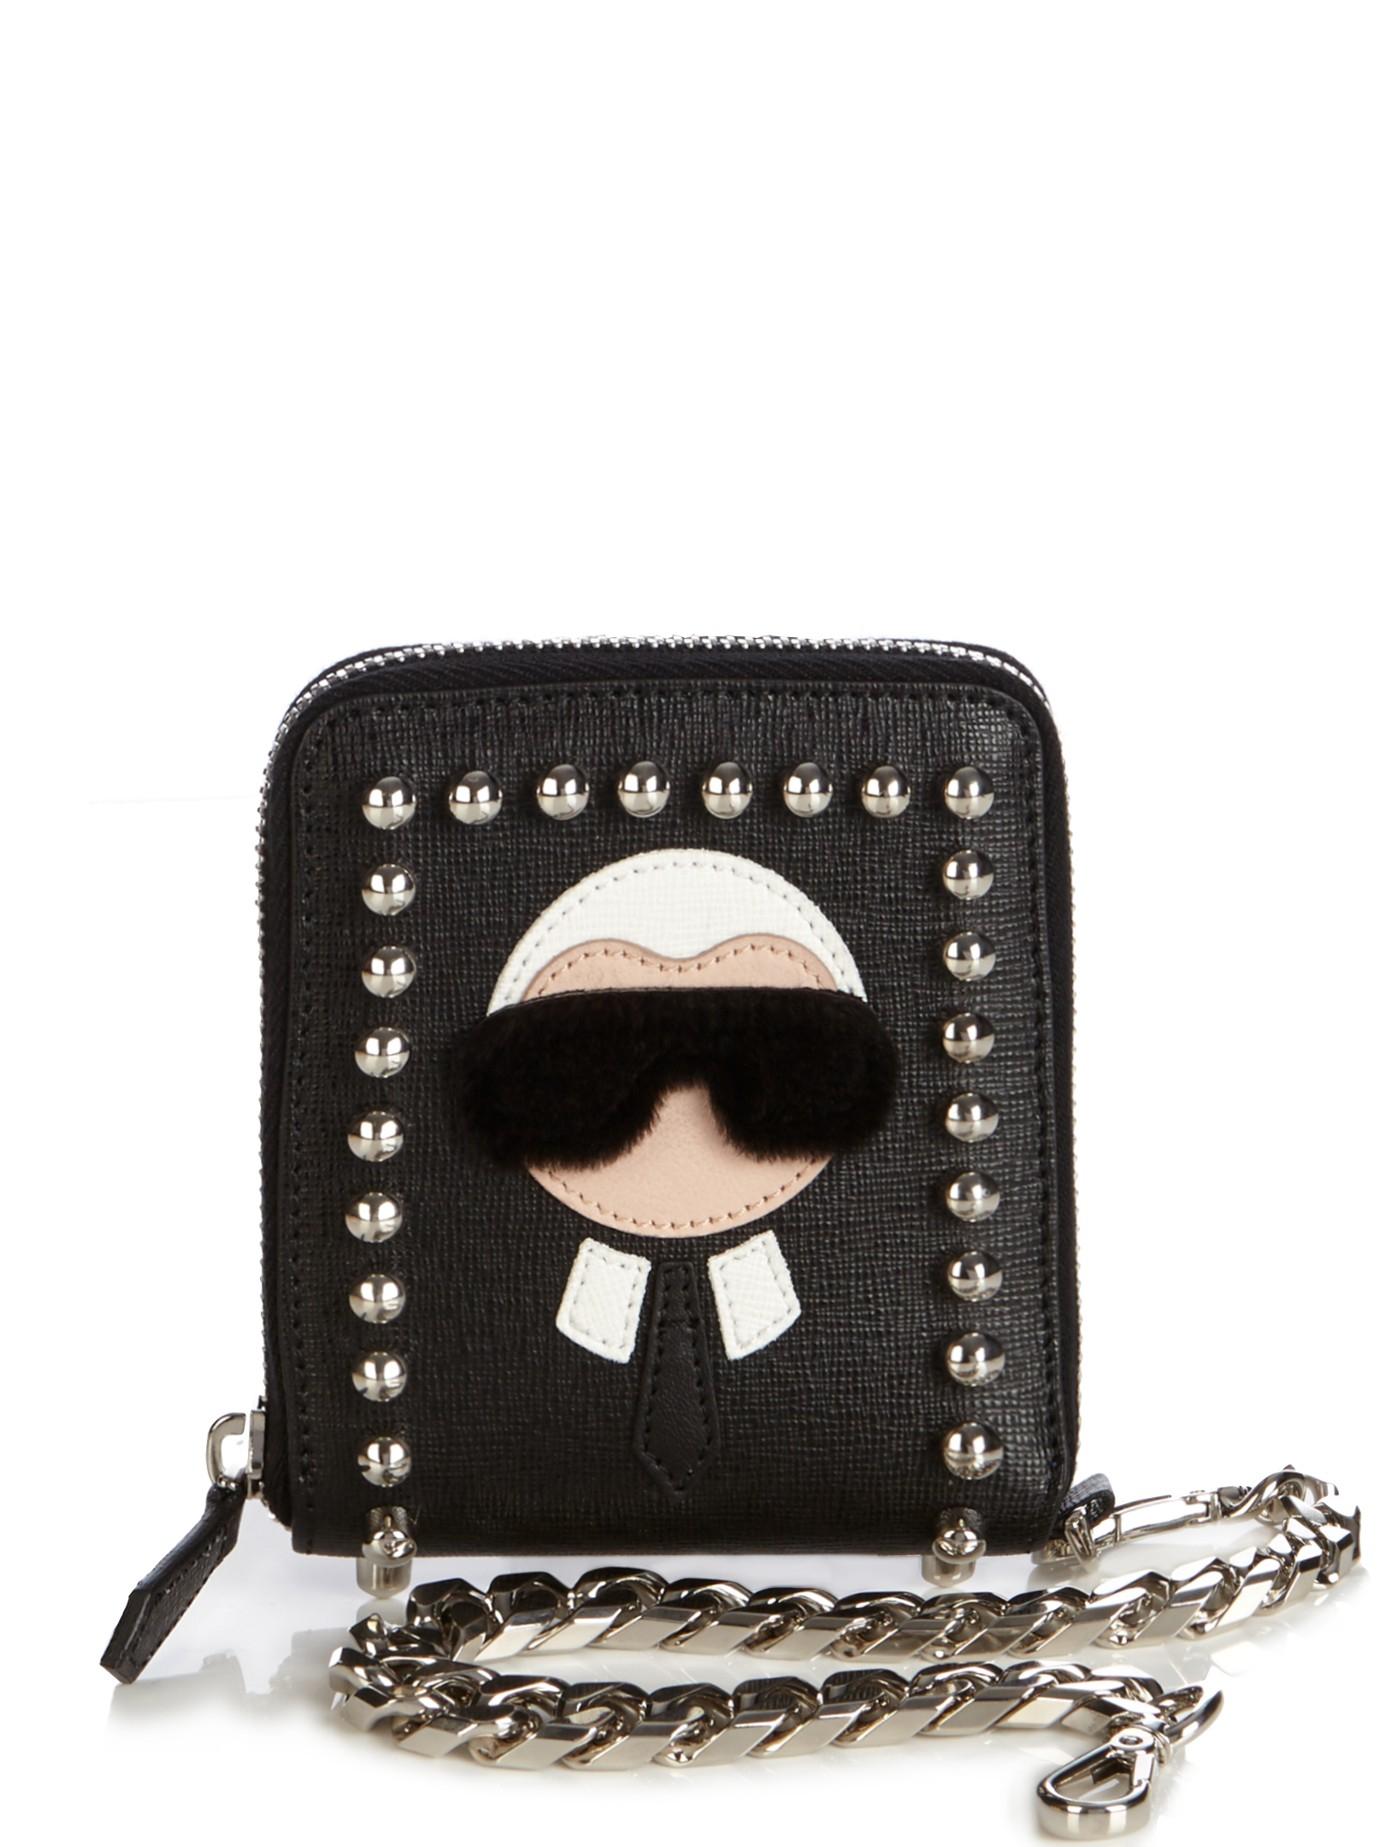 0ea5e7144d60 Lyst - Fendi Karlito Wallet On Chain in Black for Men